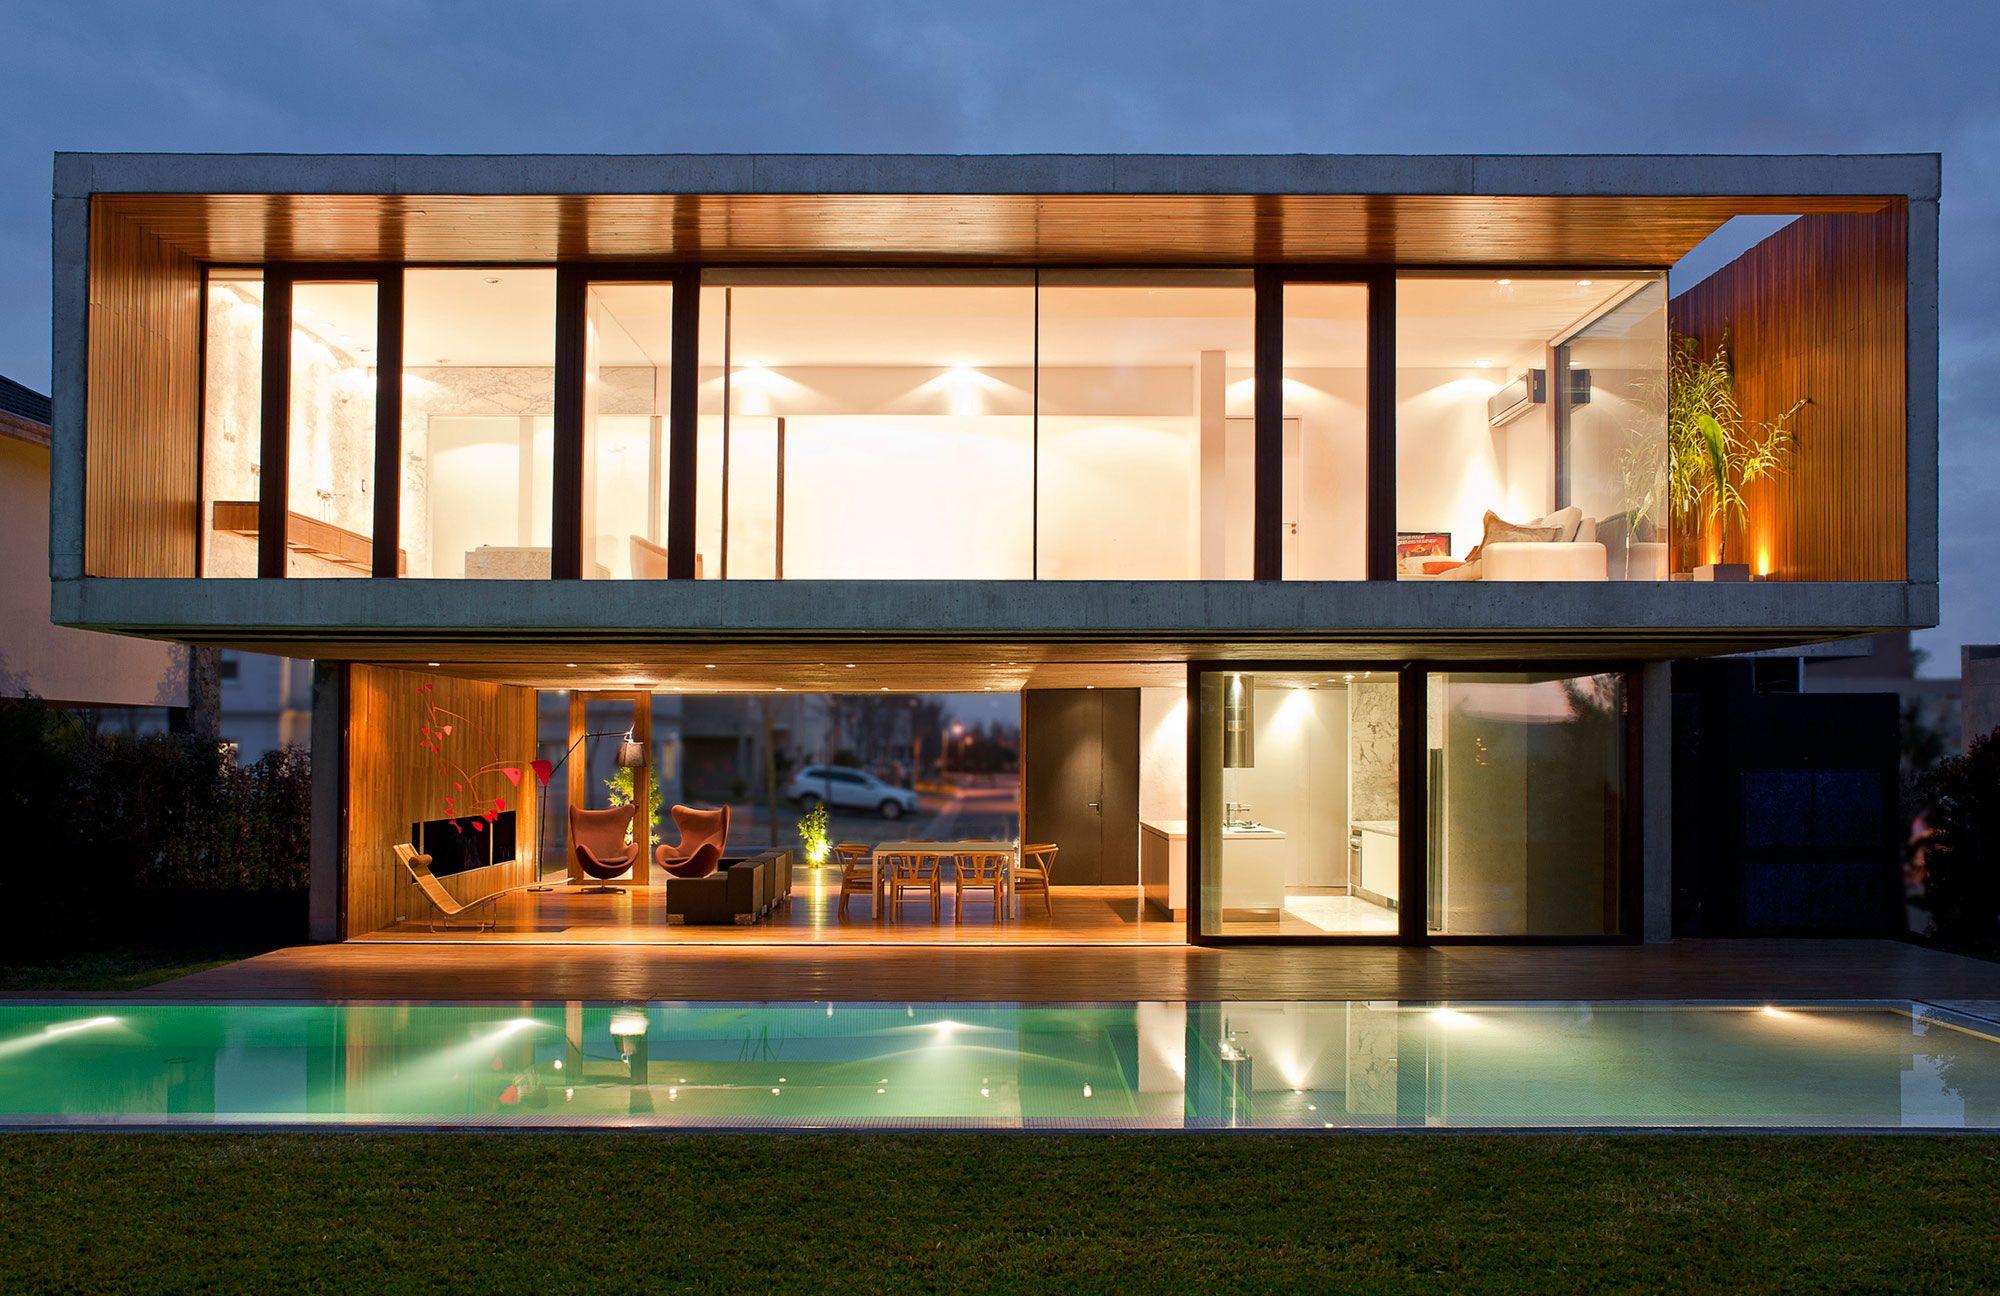 Best Kitchen Gallery: Best Designs Ideas Of Modern Contemporary Homes Modern Contemporary of Modern Homes Austin Tx  on rachelxblog.com